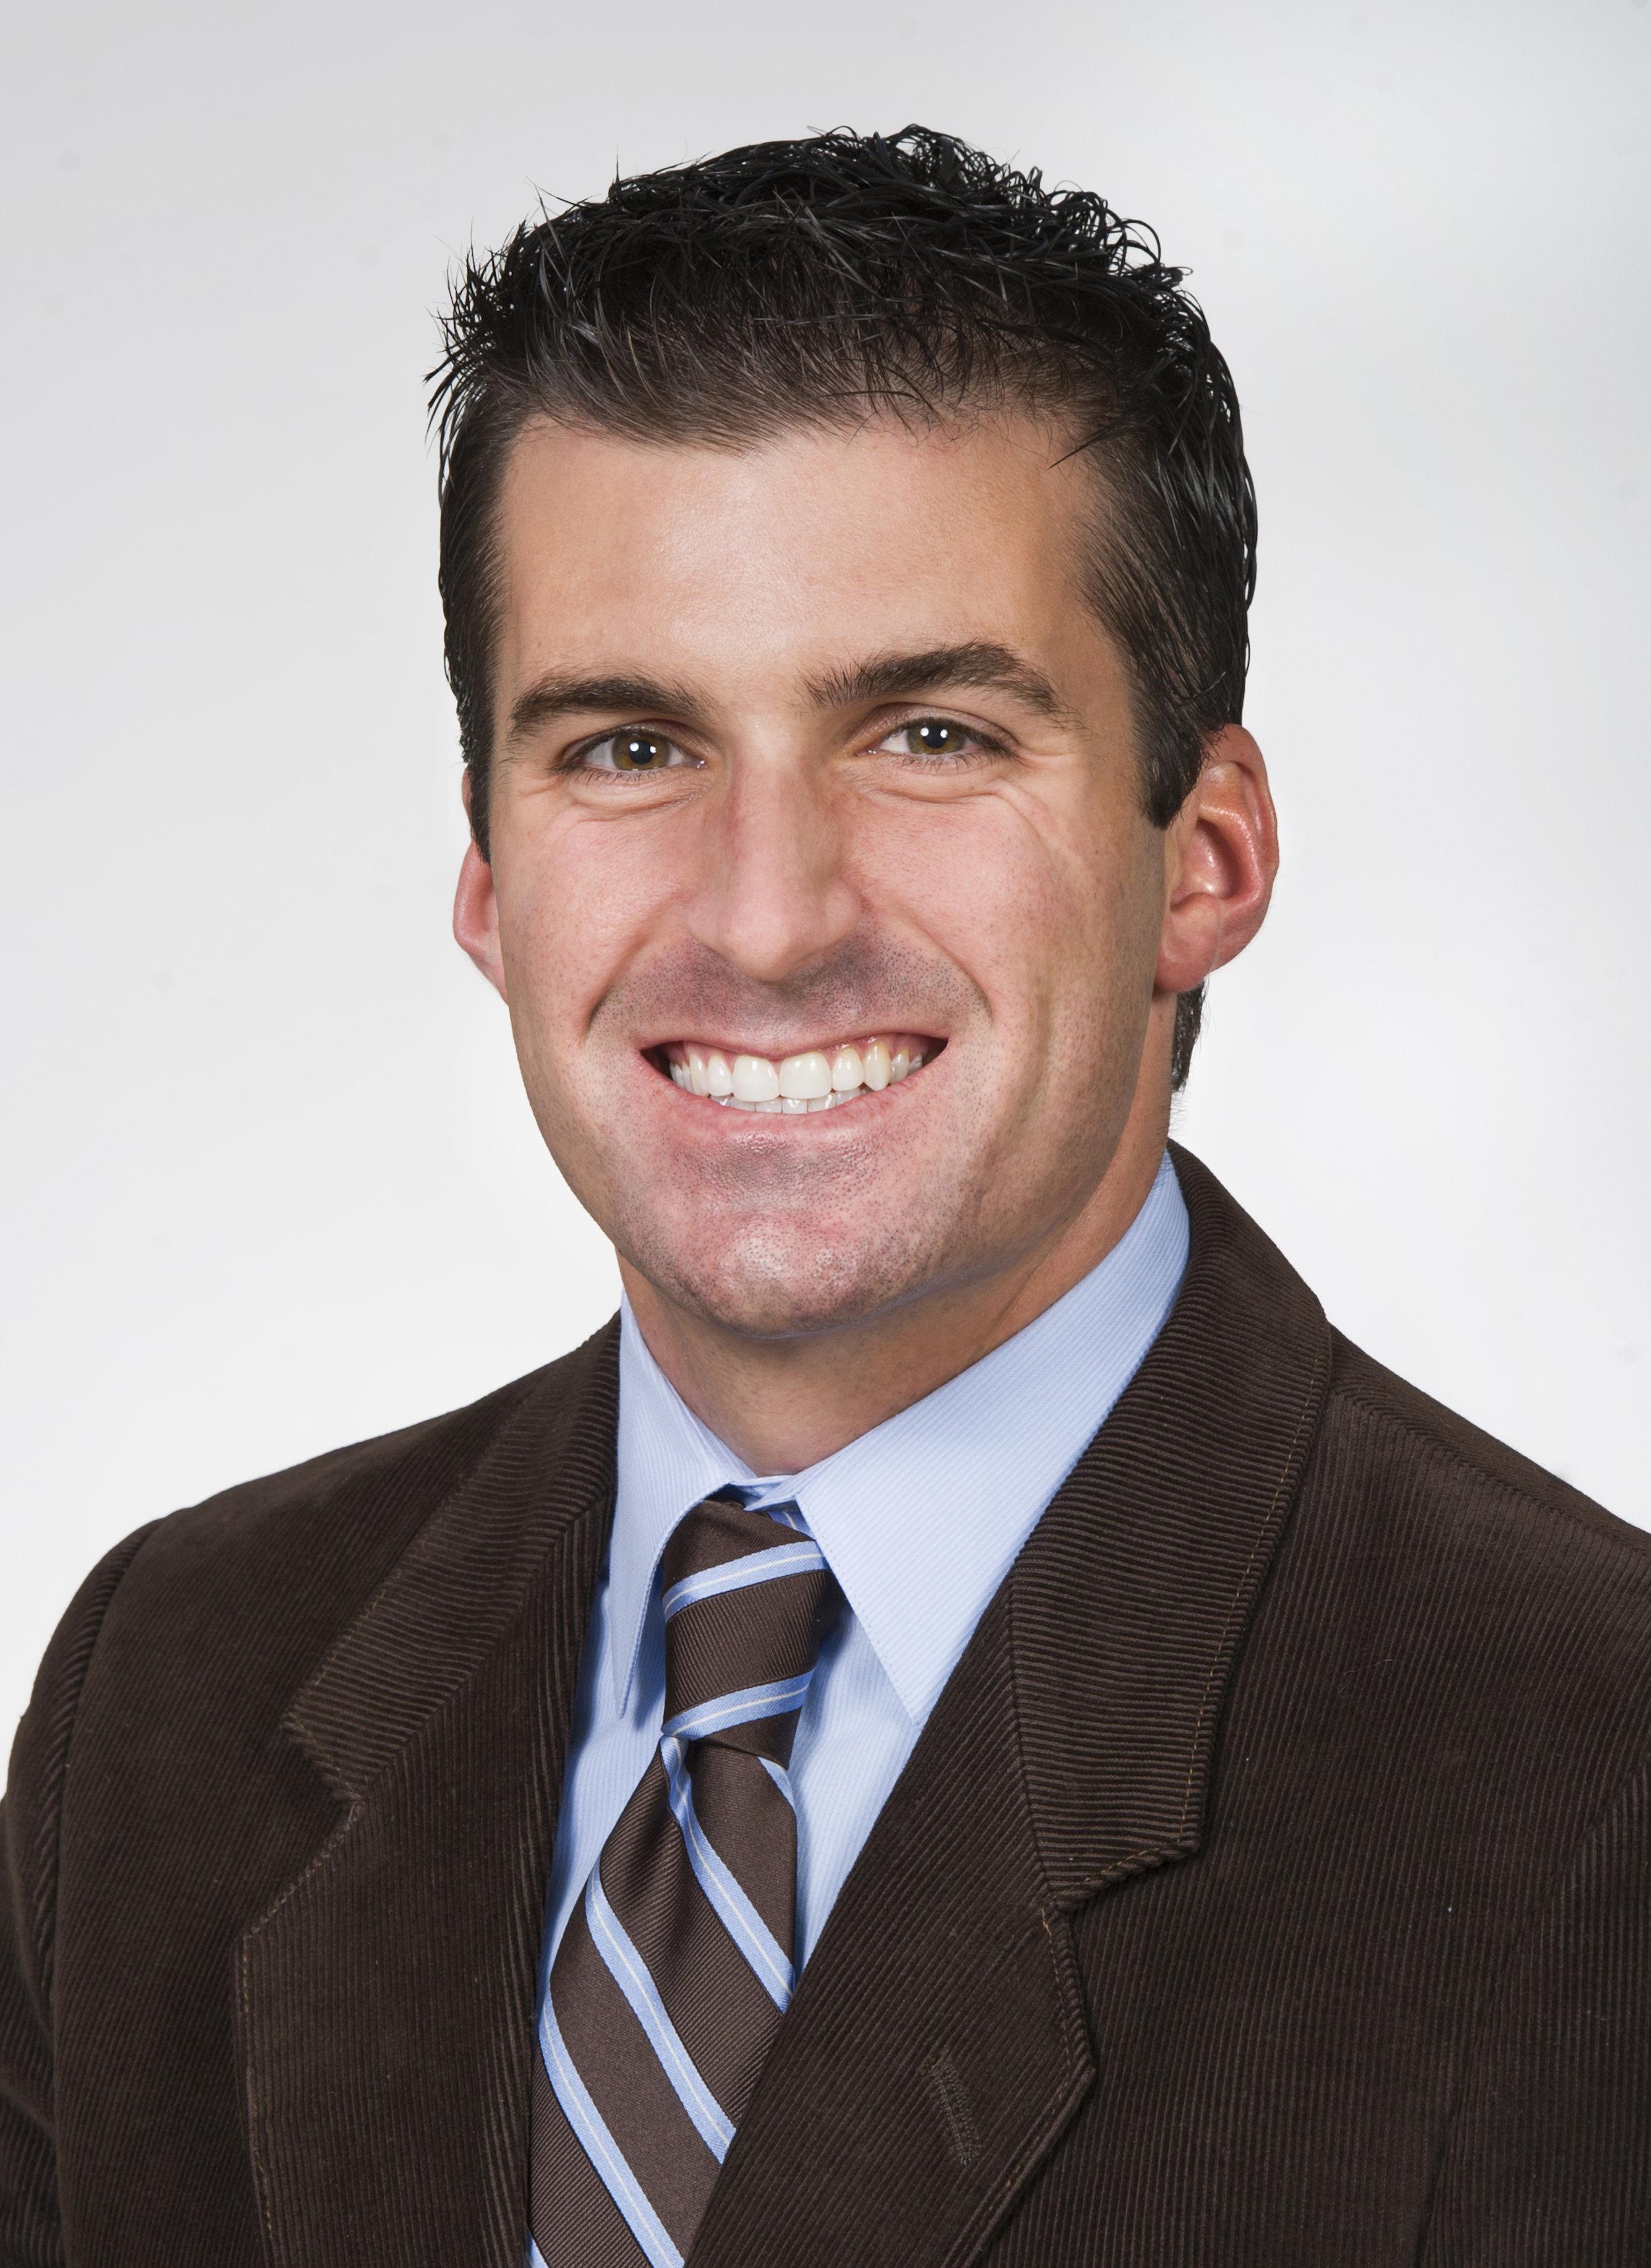 Scott Myser